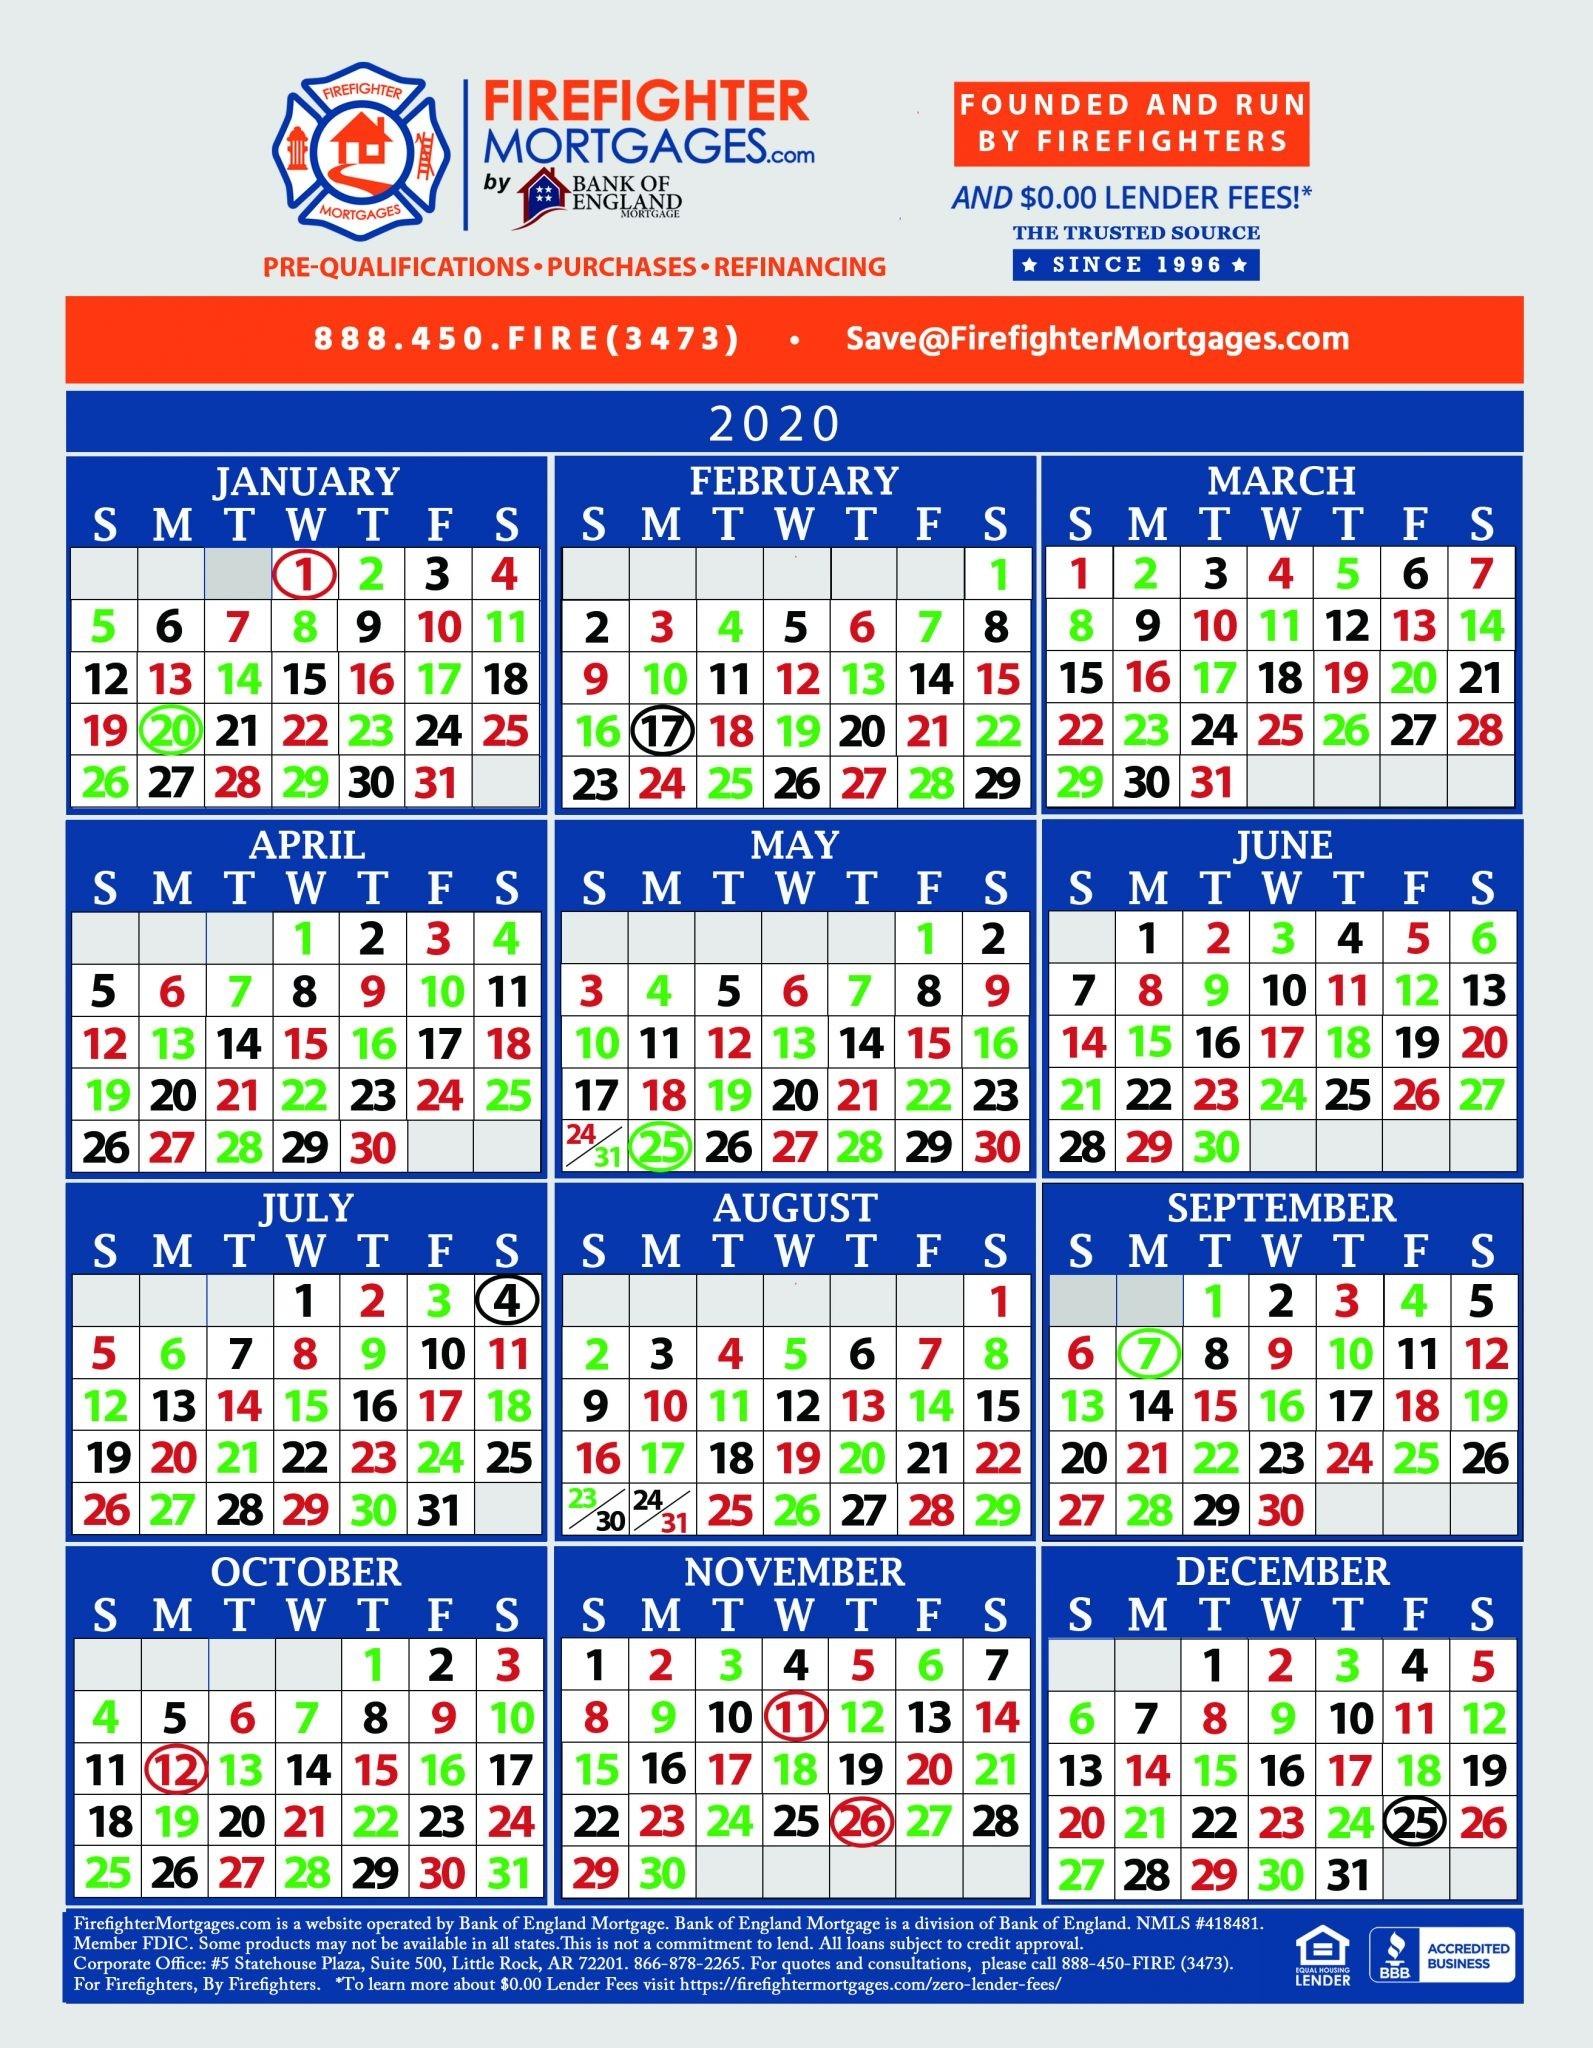 Firefighter Shift Calendars - Firefighter Mortgages®  Firemans Scheule B